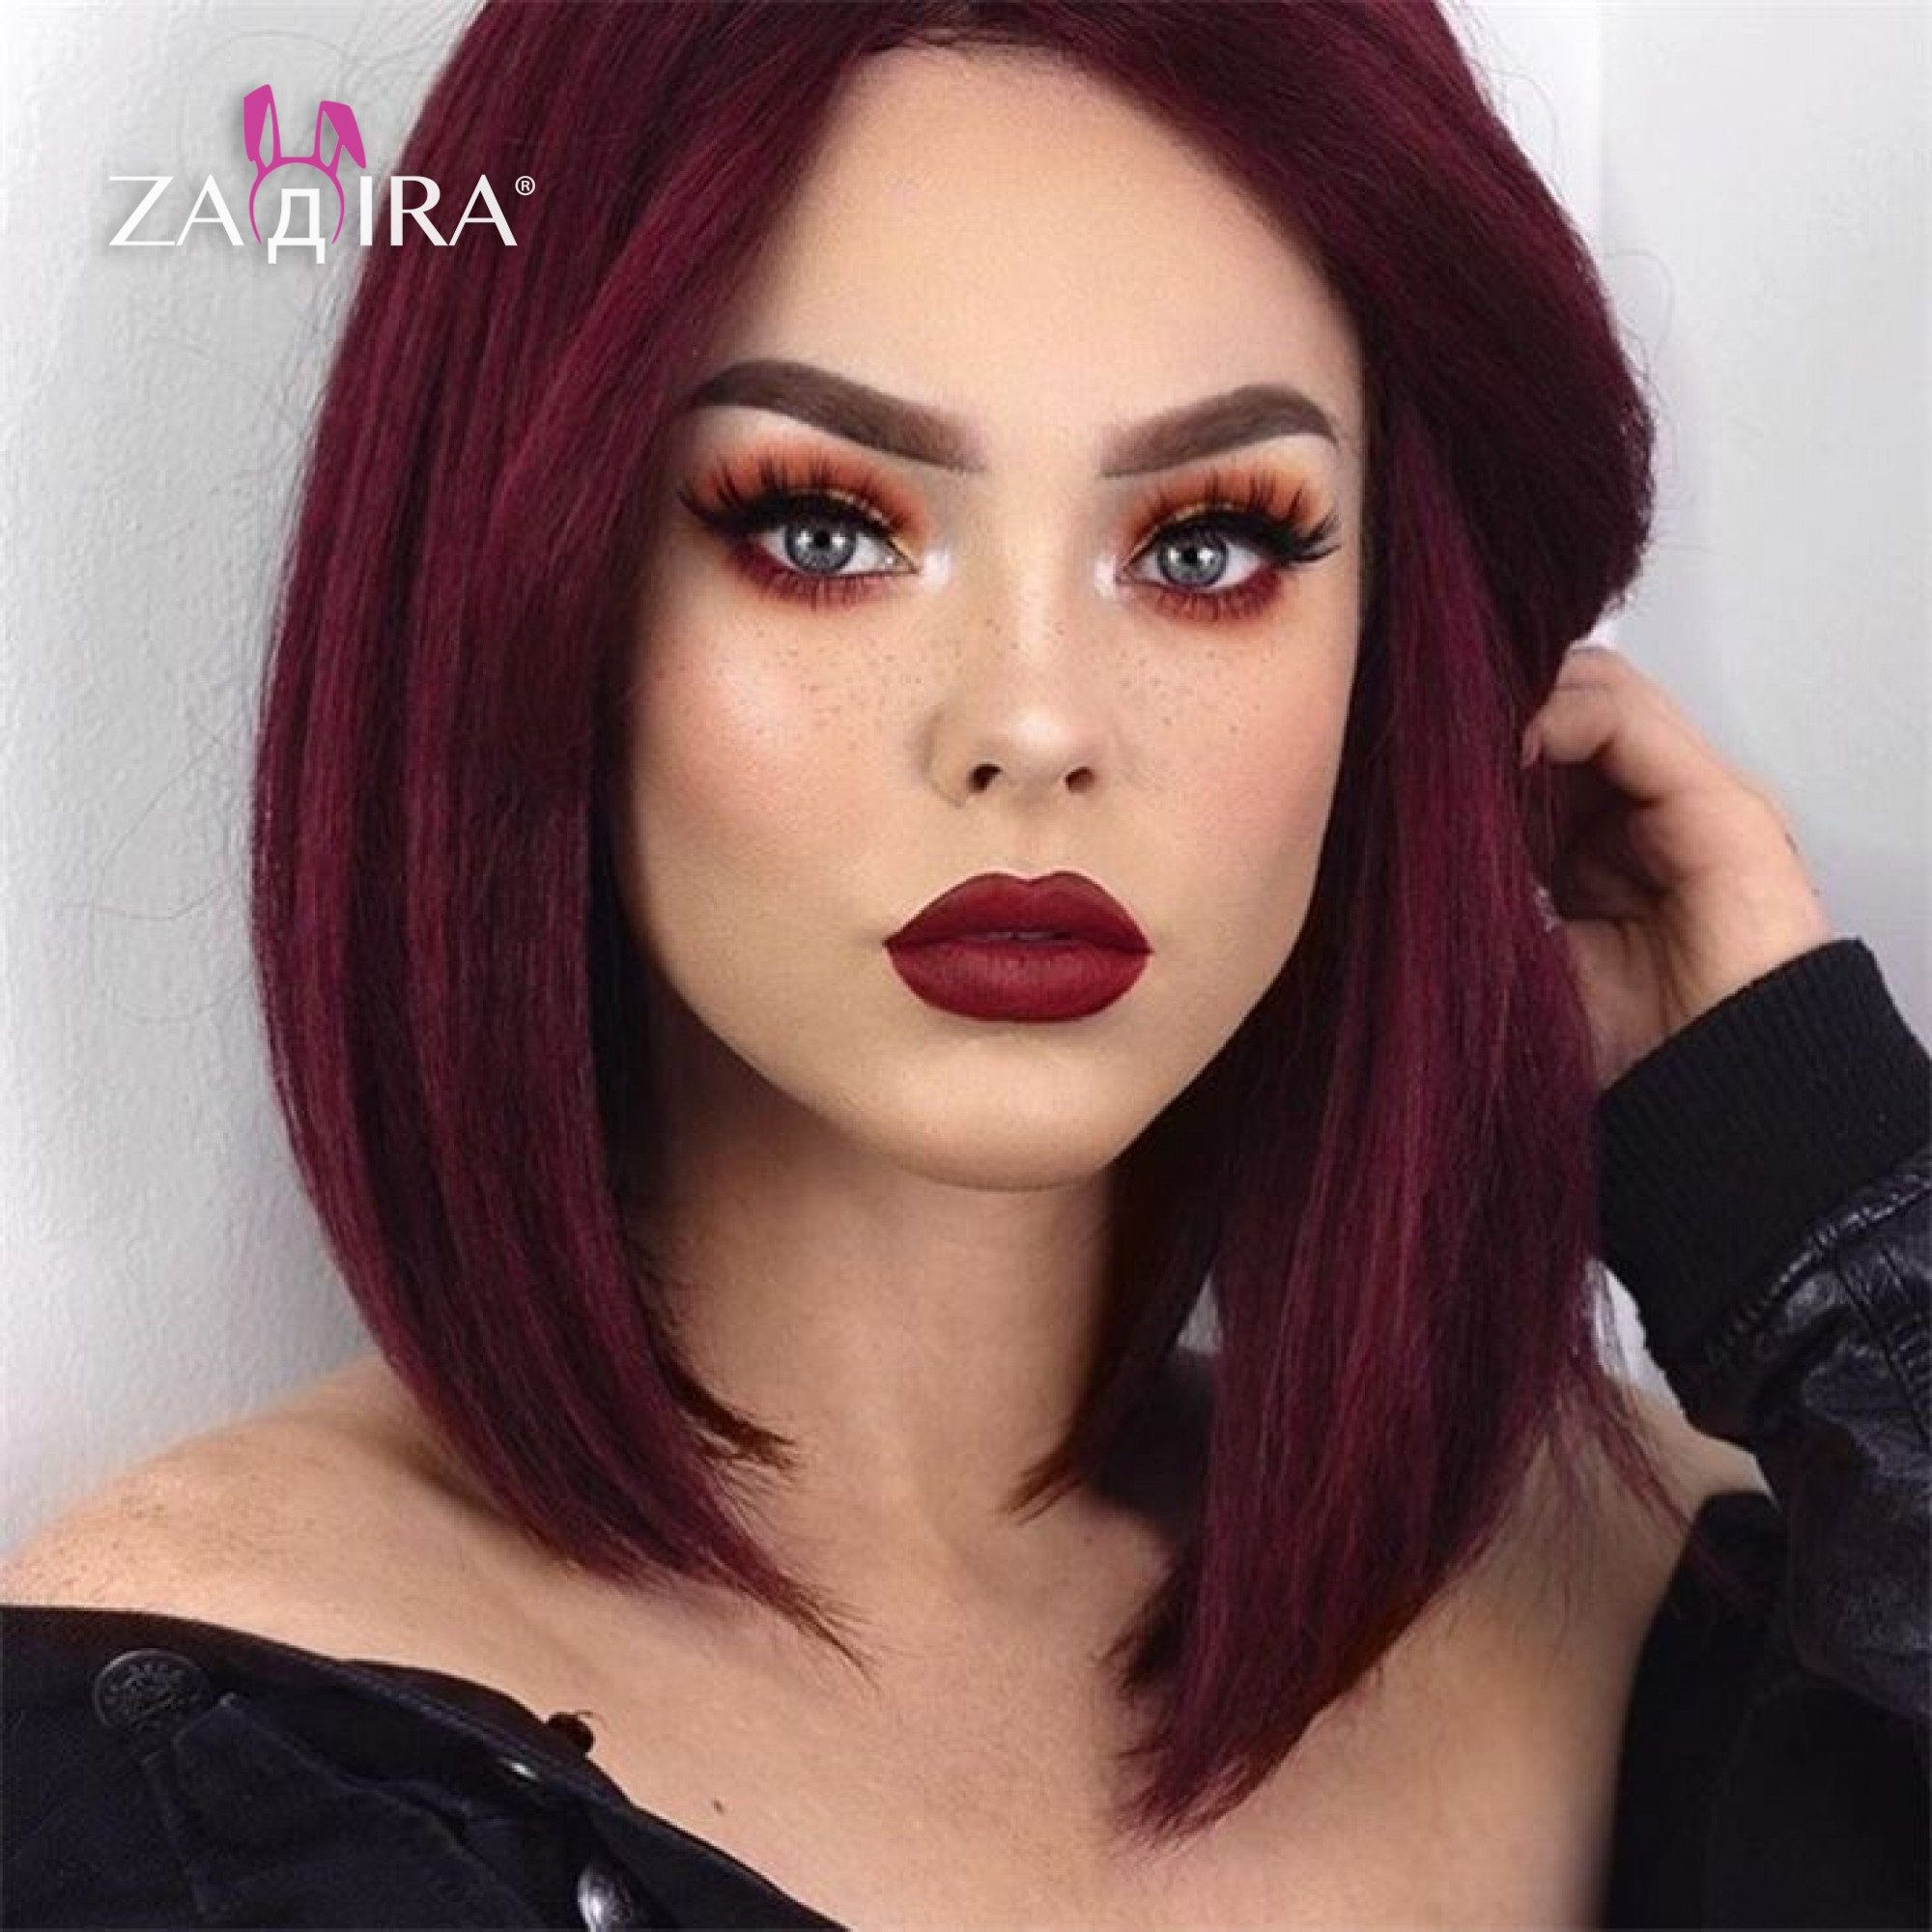 Photo of Pelucas de frente de encaje de color burdeos para mujeres, anime, pelucas de cosplay como peluca de cabello humano, peluca recta corta de vino rojo 14 in (35 cm), resistente al calor